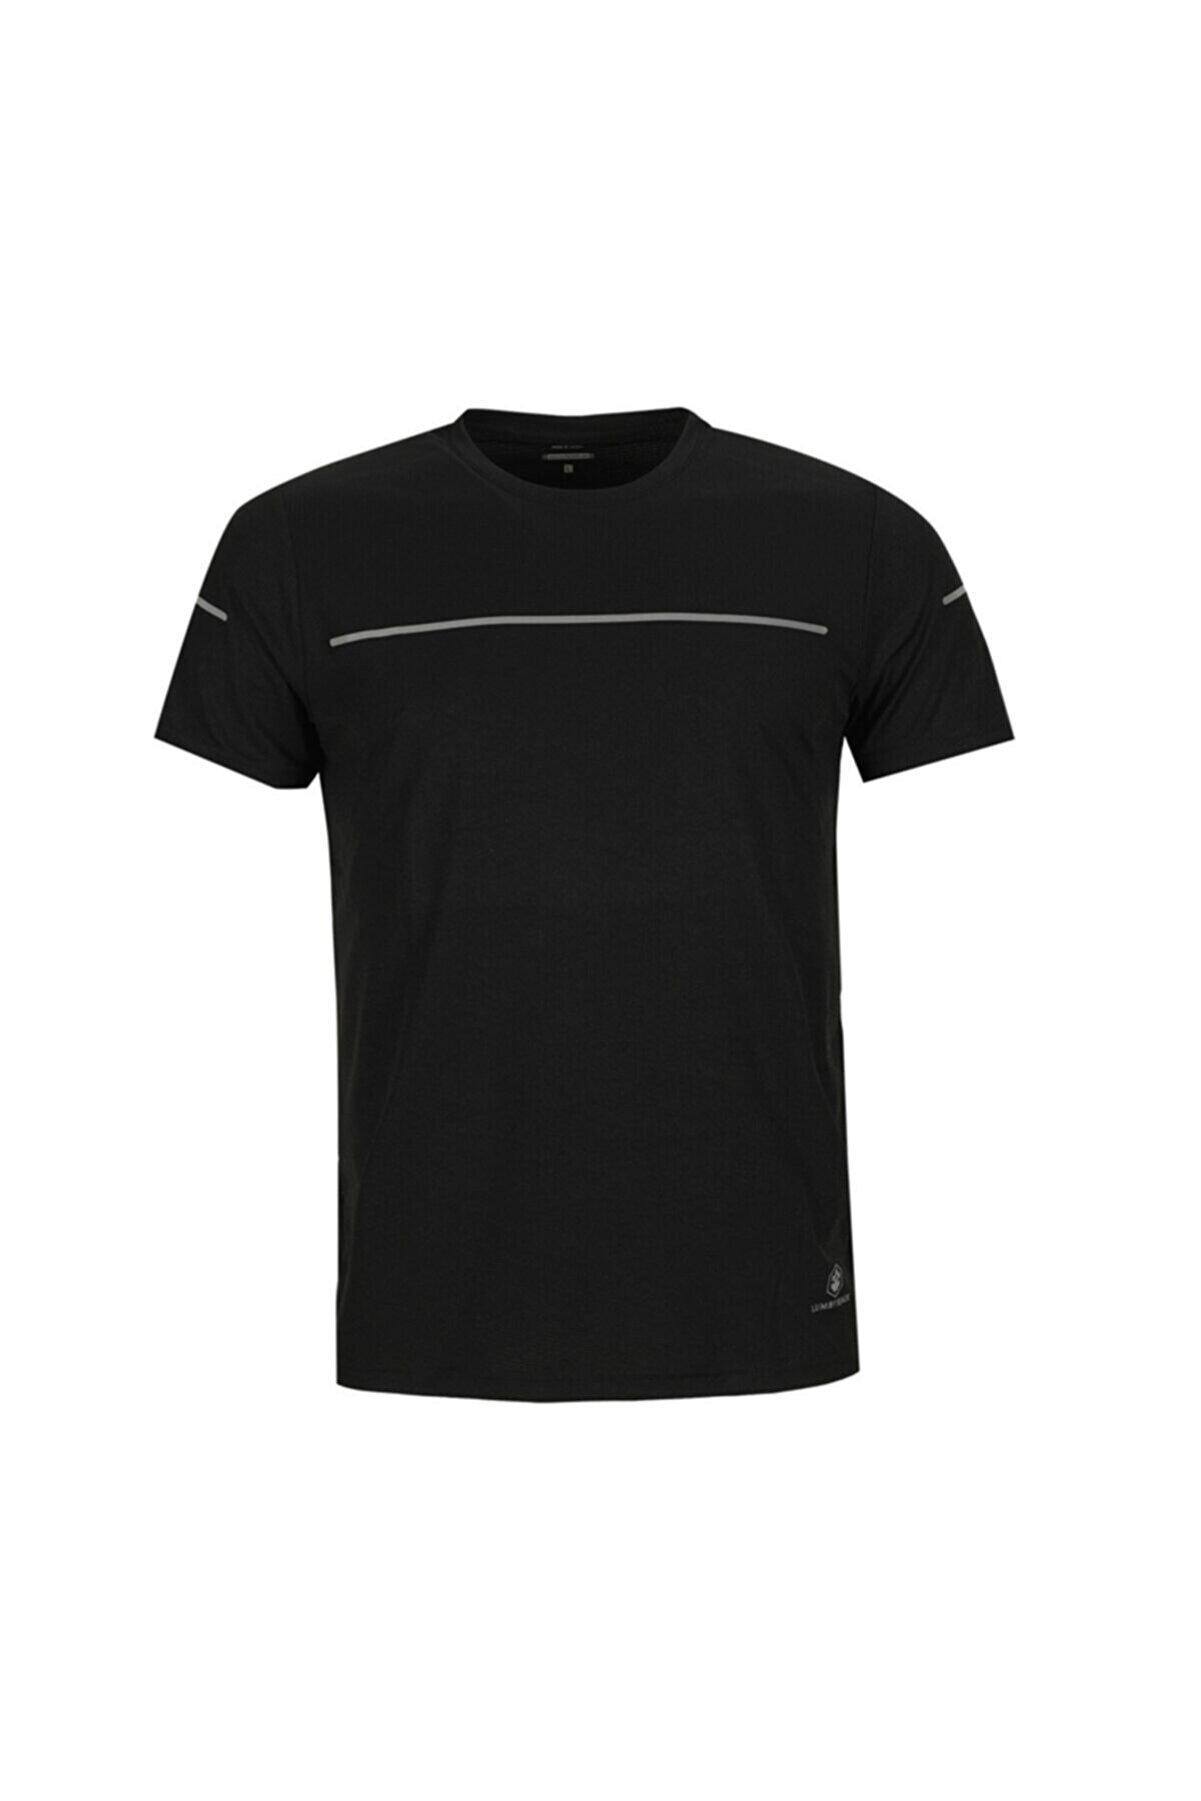 Lumberjack ELON STRIPE T-SHIRT Siyah Erkek T-Shirt 101006697